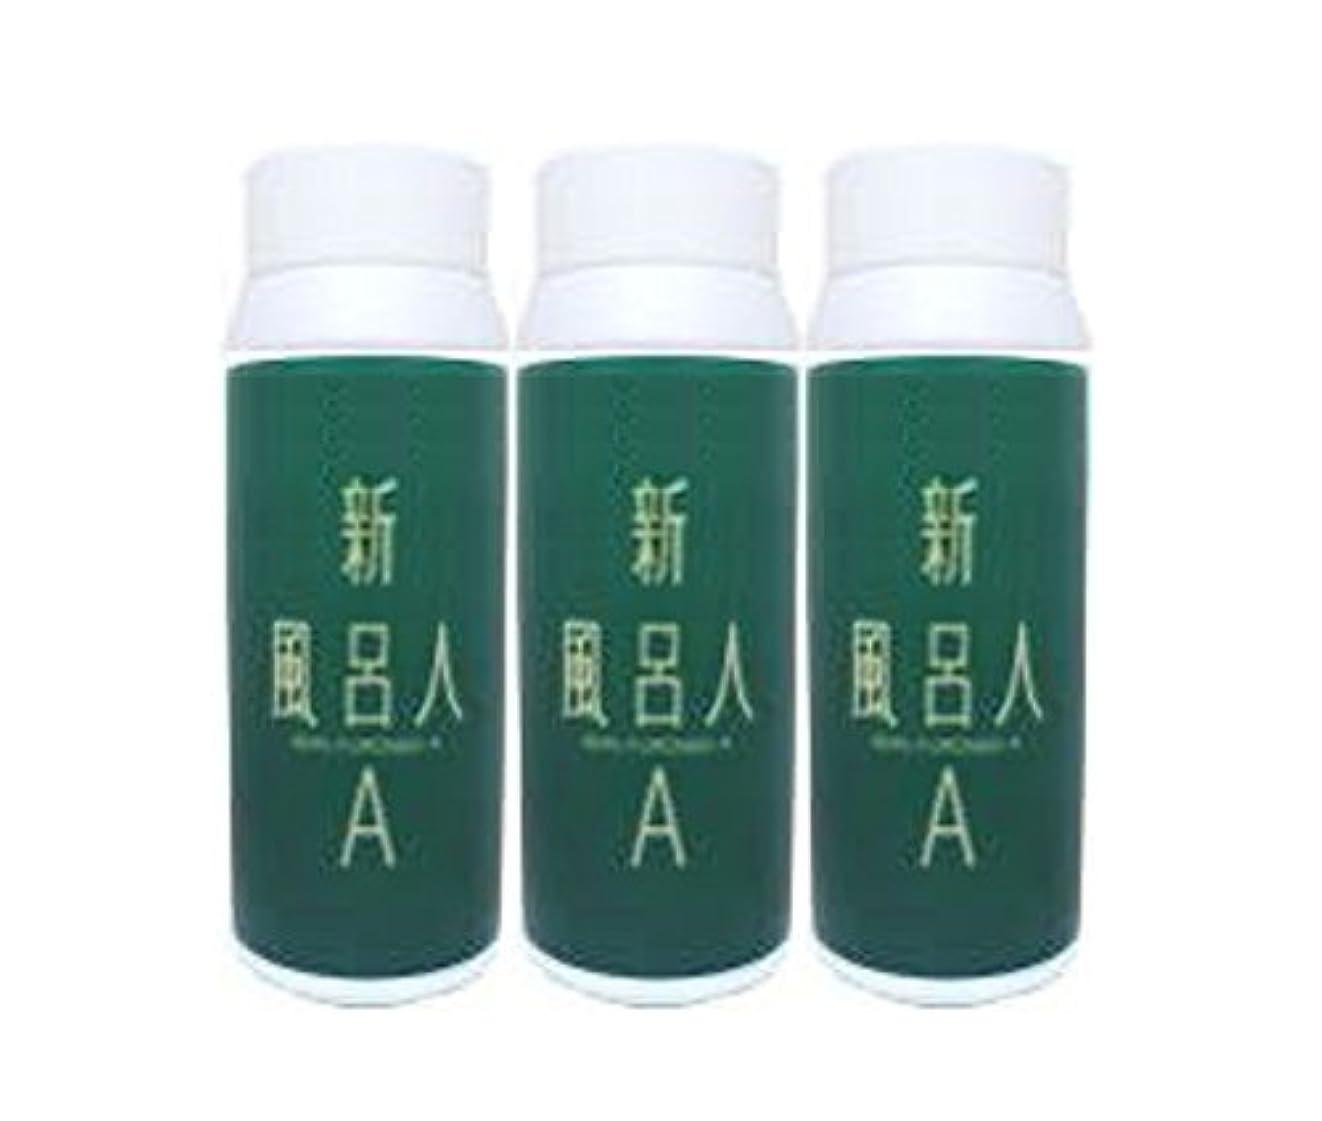 処分した倍率アジア人24時間風呂用 入浴剤 新フロンドA 1000g 【3本セット】